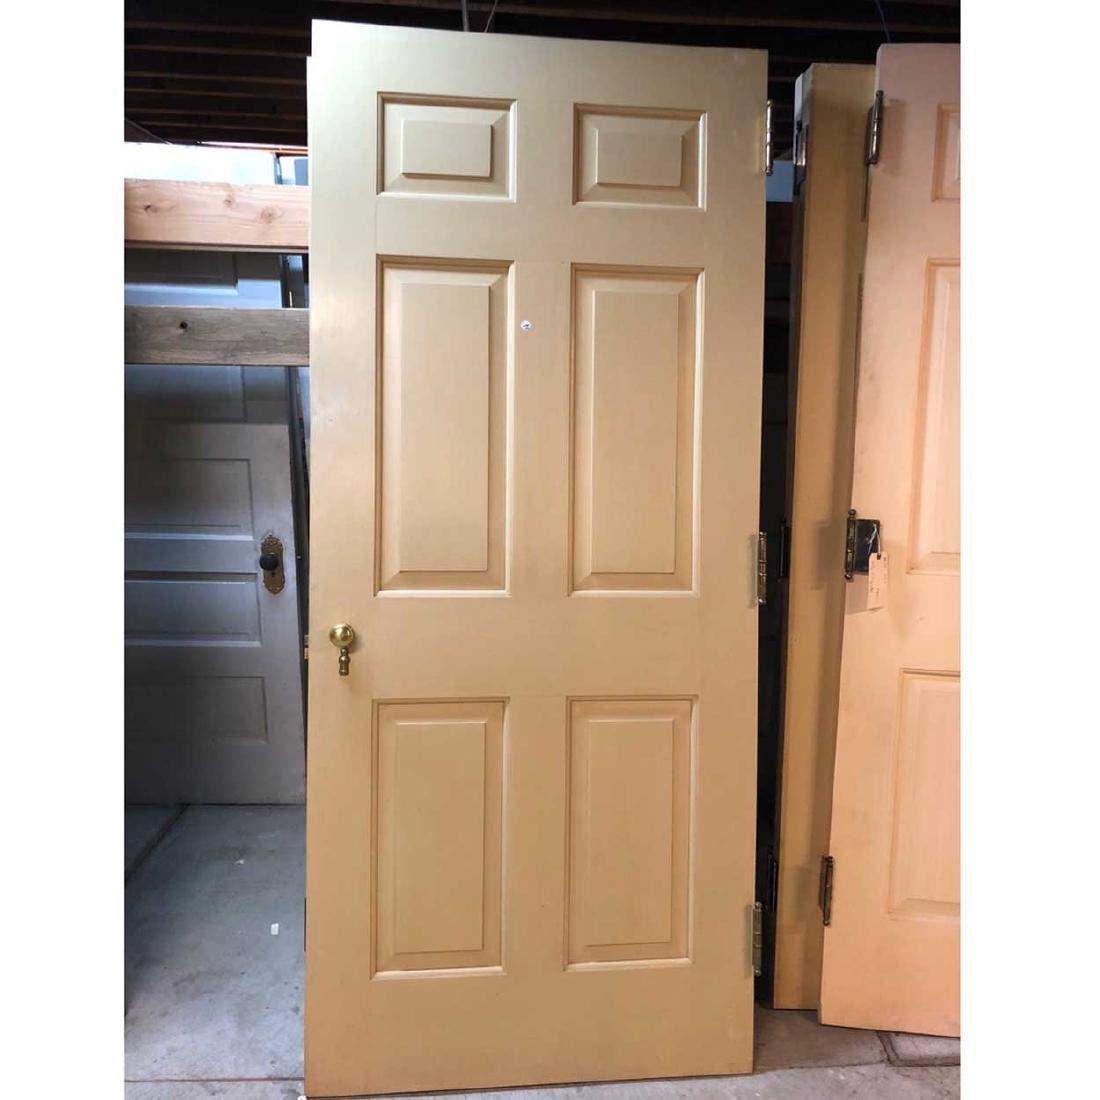 4 American Georgian Style Painted Single Doors